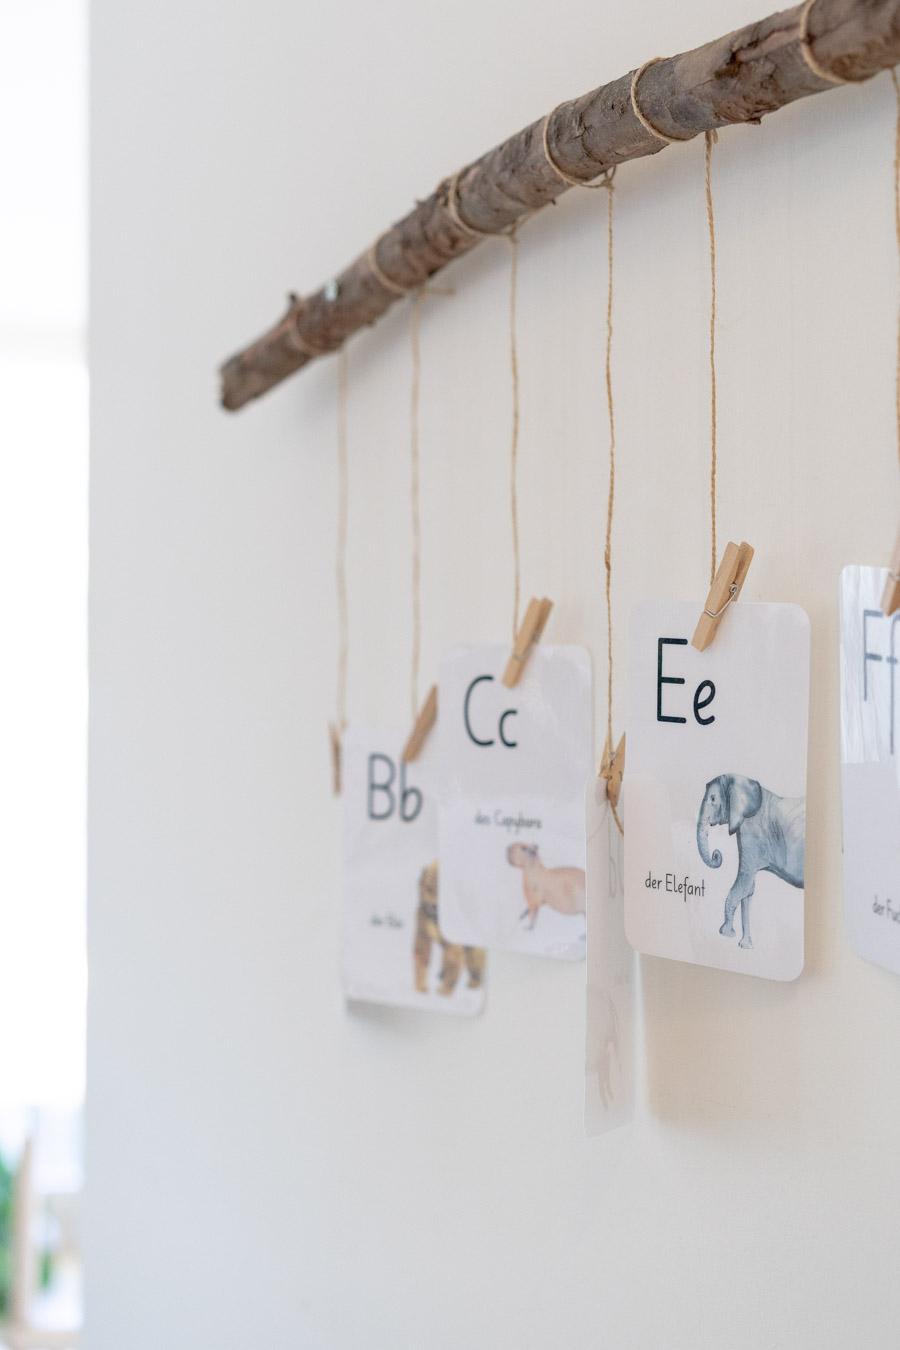 E wie Elefant: Eine Idee für die Sprachentwicklung